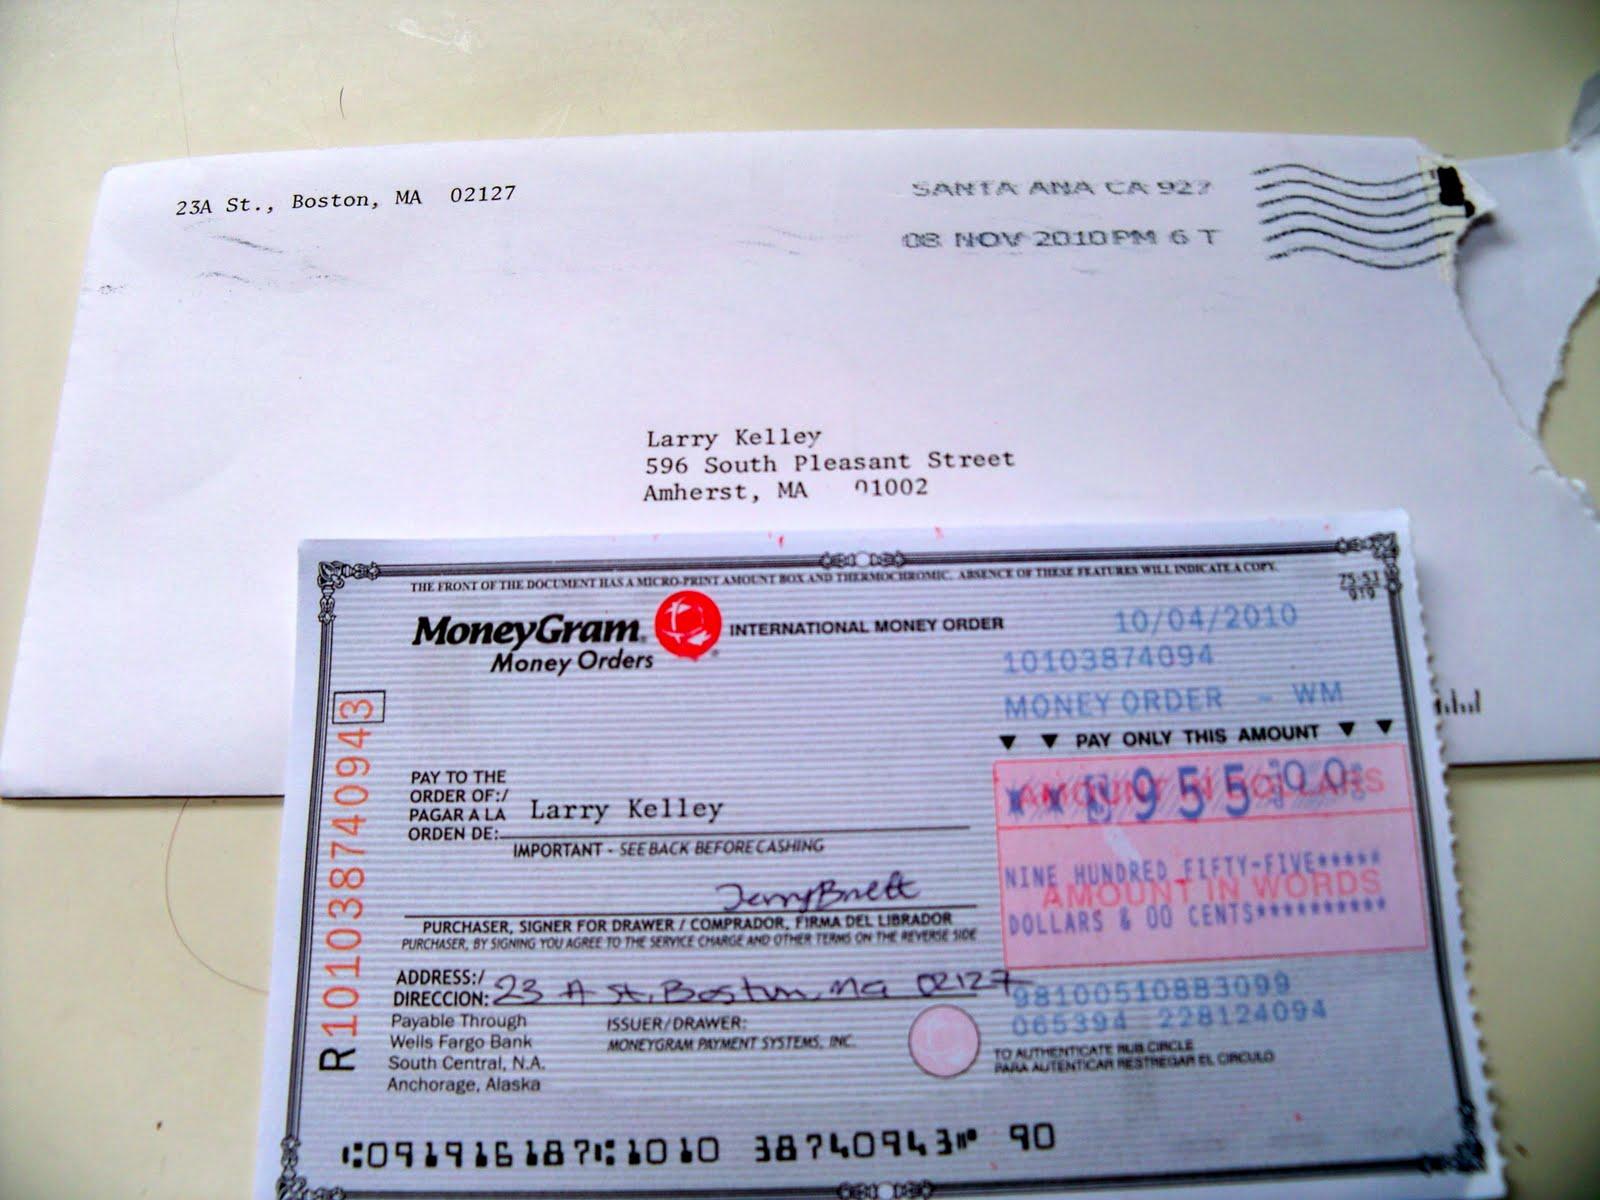 Pin How To Fill Out A Moneygram Money Order On Pinterest · Moneygram Money  Order Memo